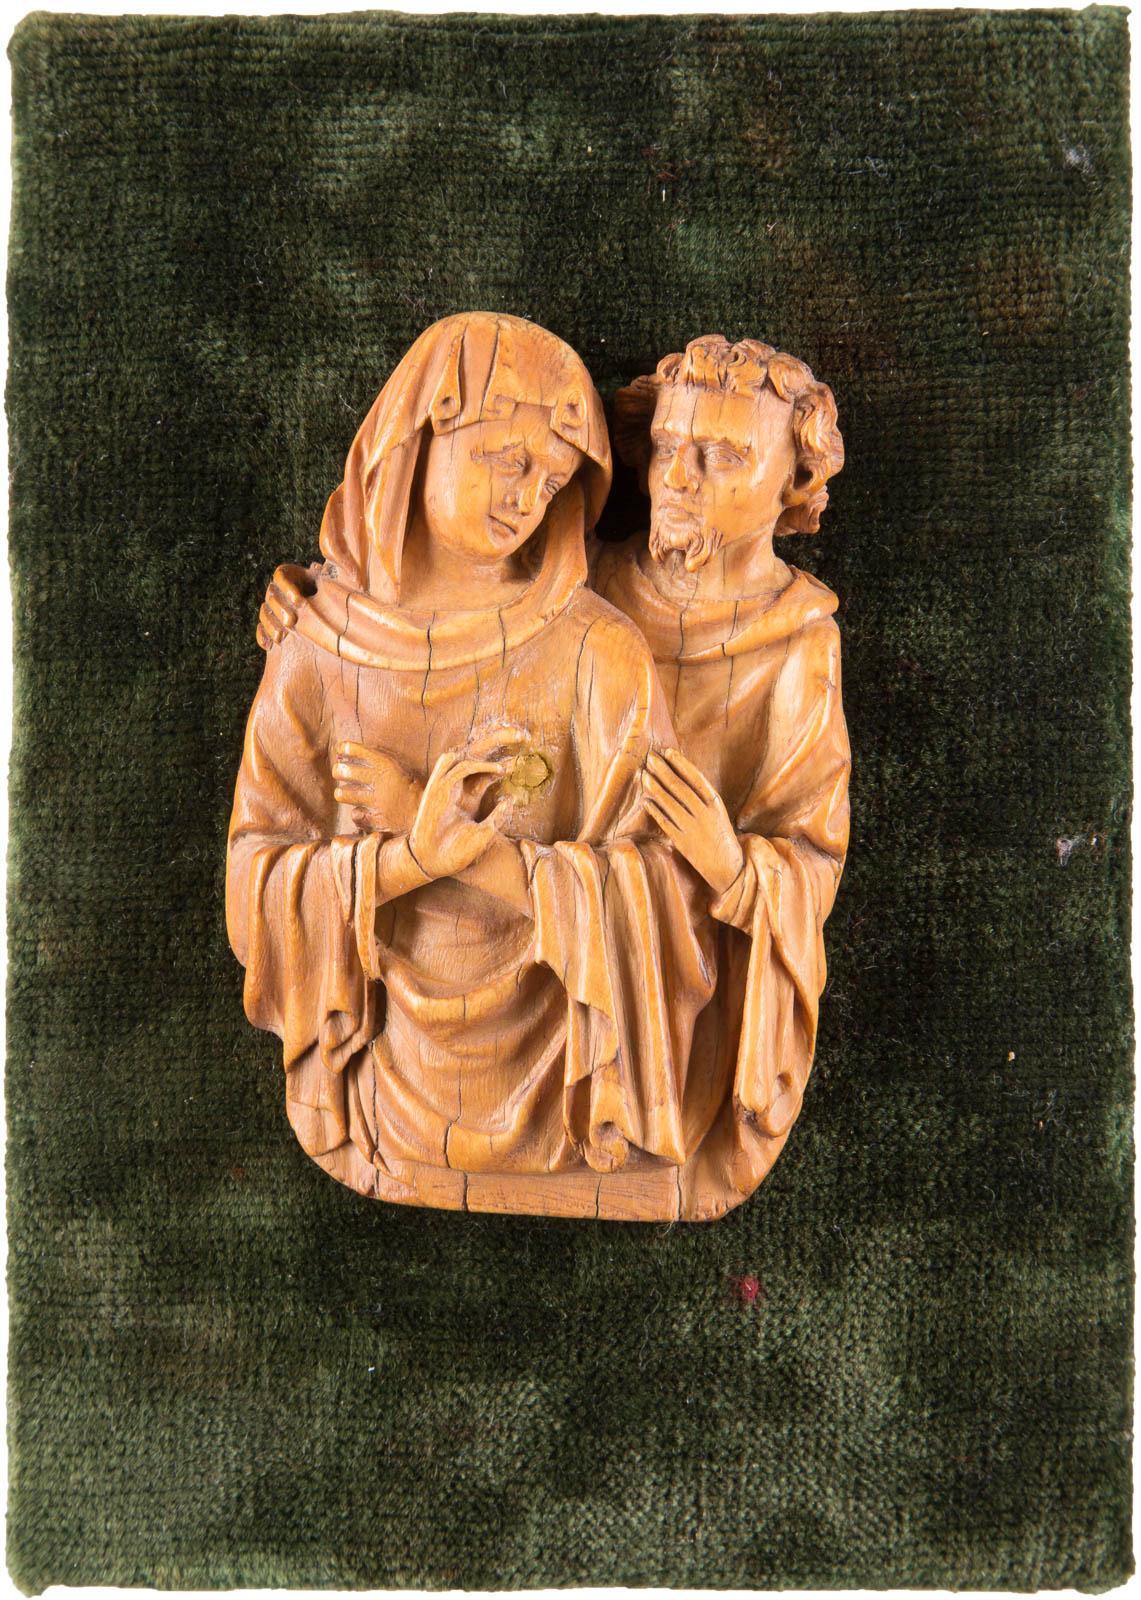 ELFENBEIN-RELIEF 'MARIA UND JOSEF'